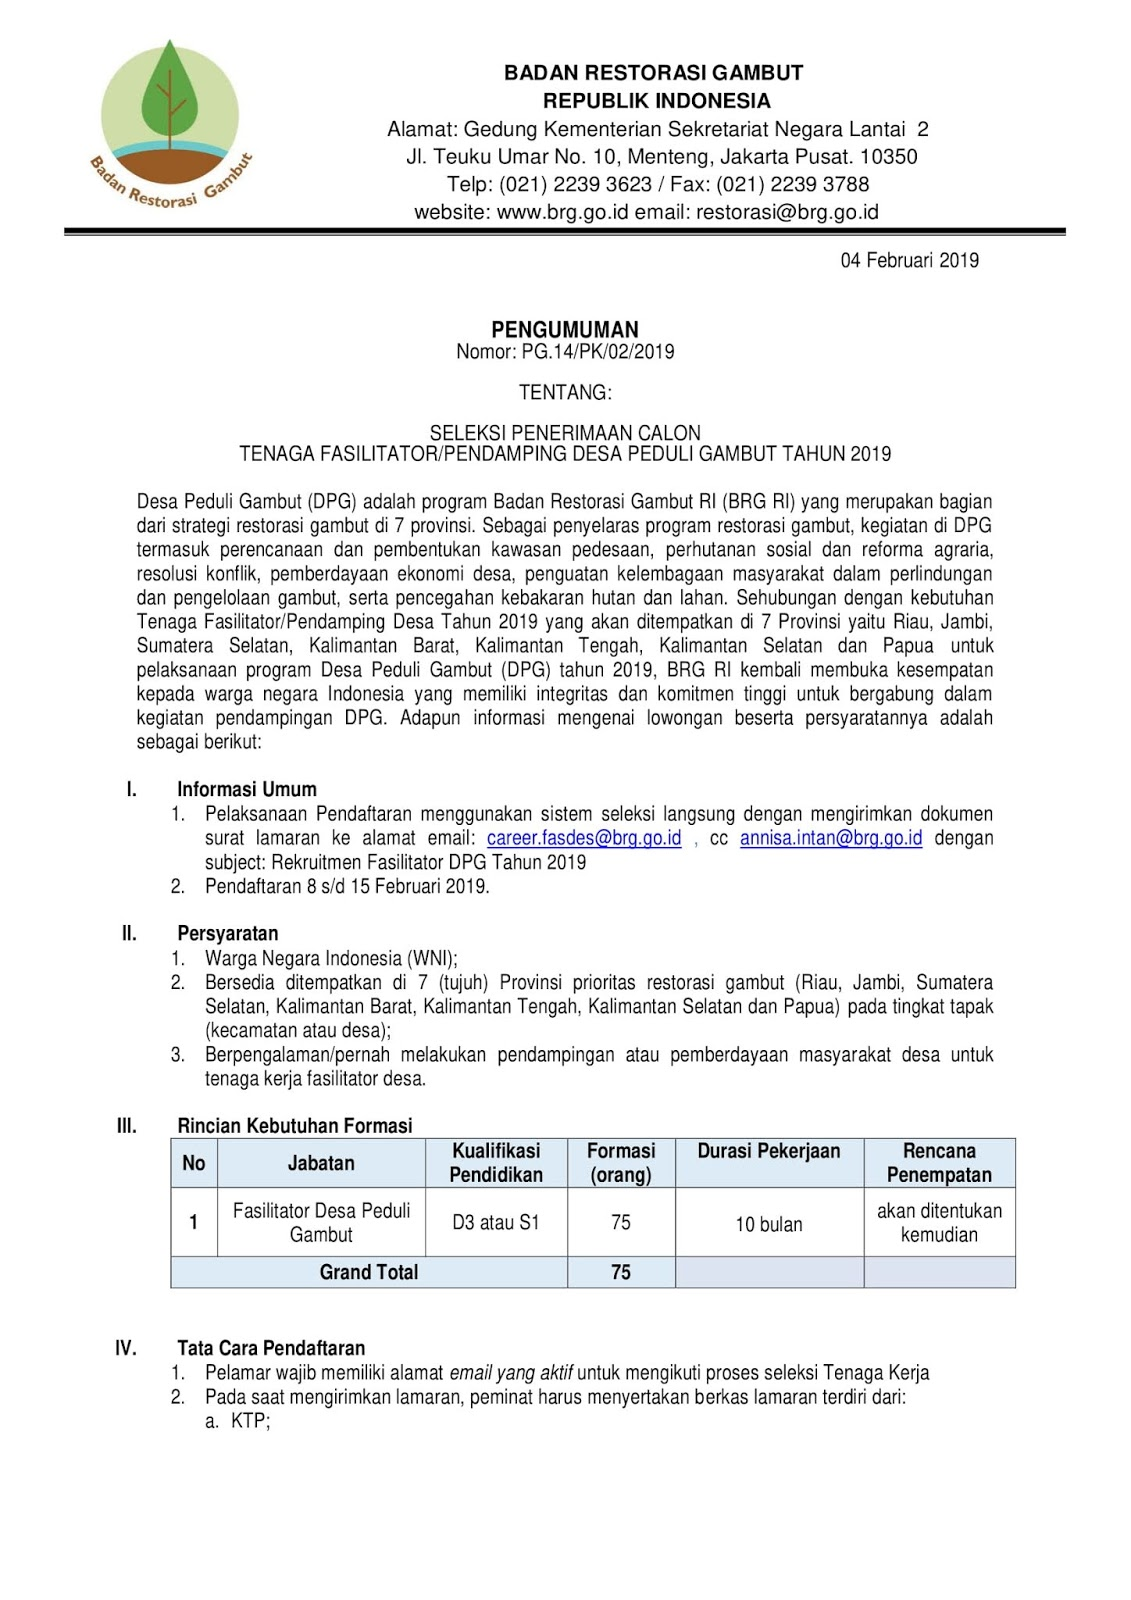 Lowongan Kerja Badan Restorasi Gambut Republik Indonesia (75 Orang)